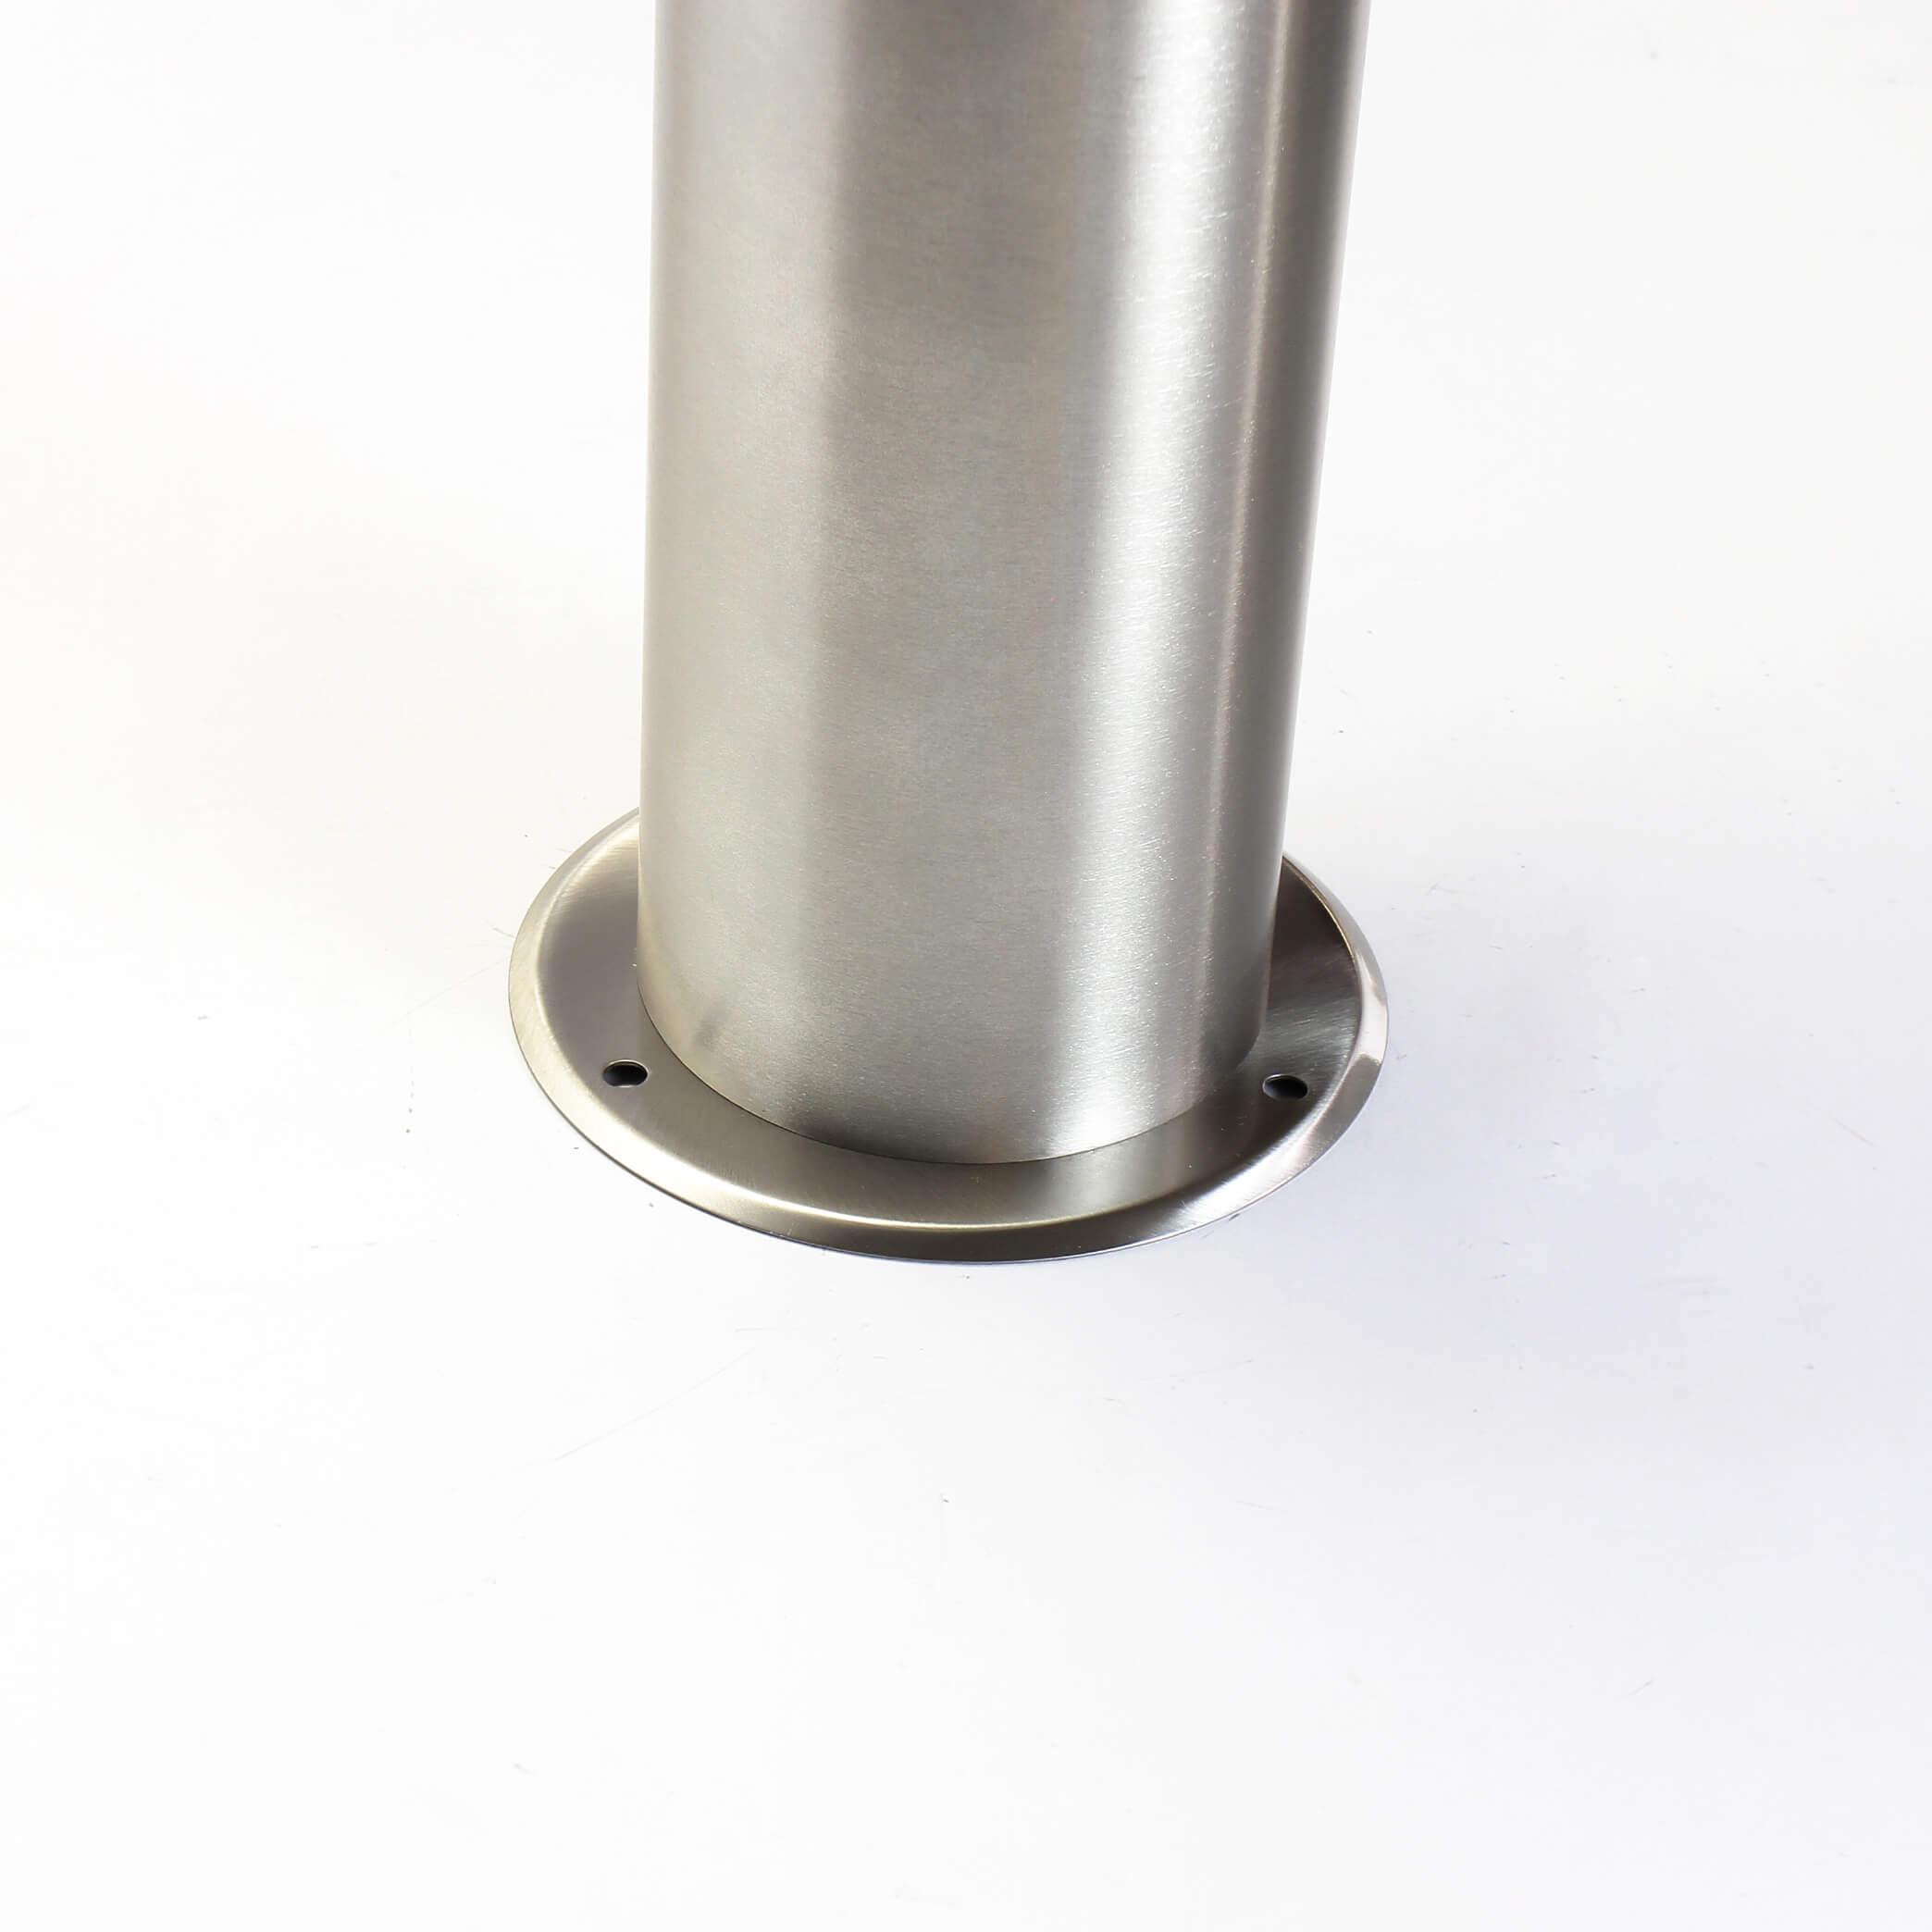 Heller 12w LED h65cm artesanía local de acero inoxidable en plata de pie lámpara Lámpara stand incl